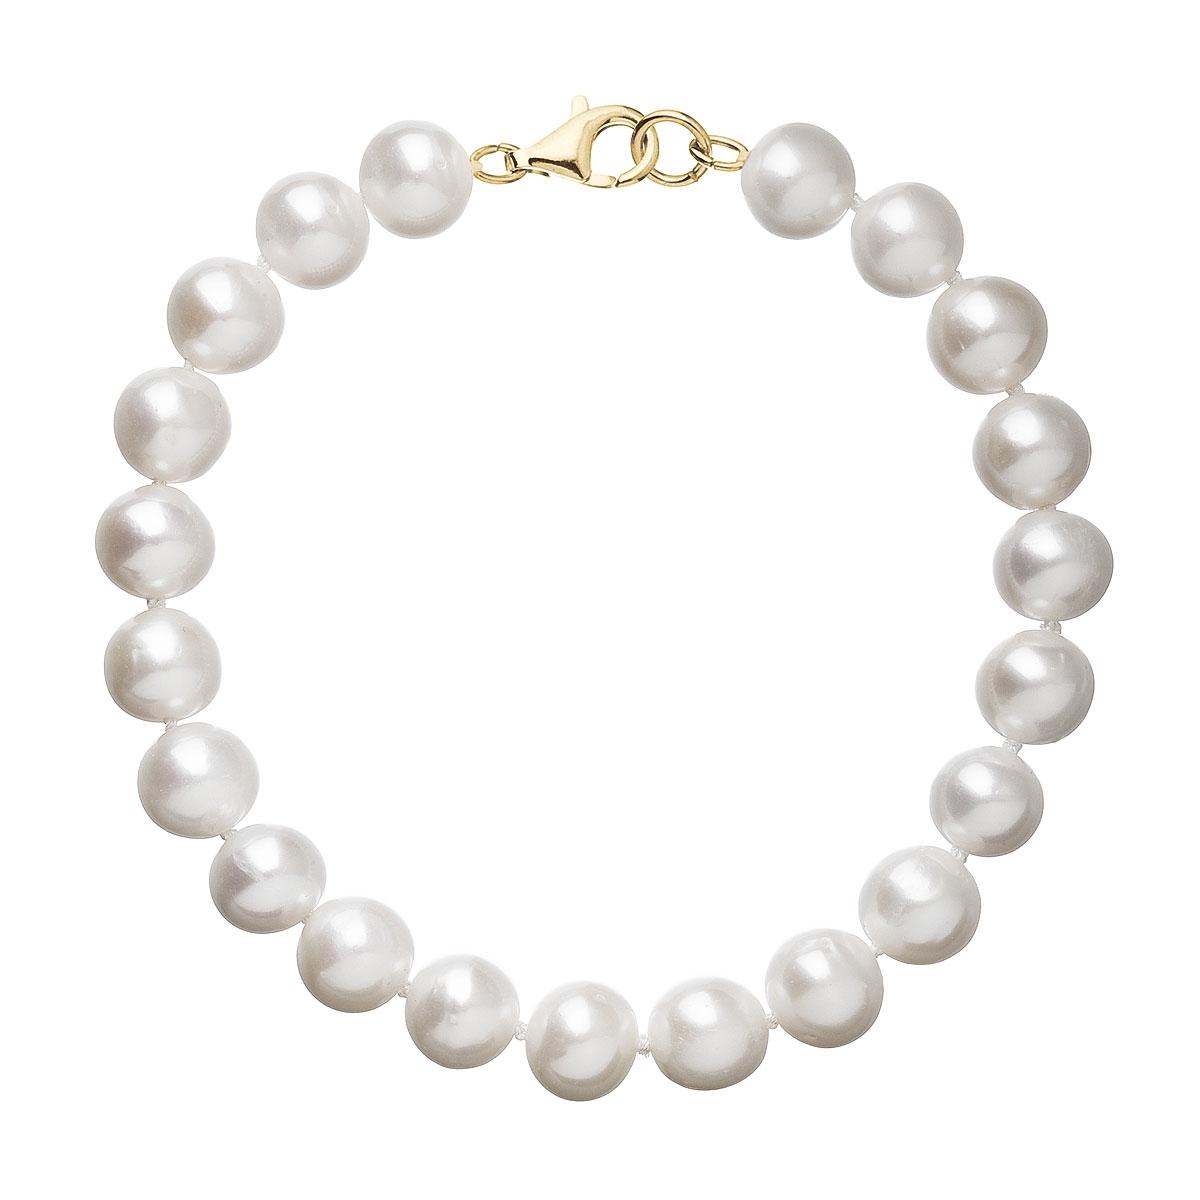 Perlový náramek bílý z pravých říčních perel se zlatým 14 karátovým zapínáním 923003.1 EGZ010-WH